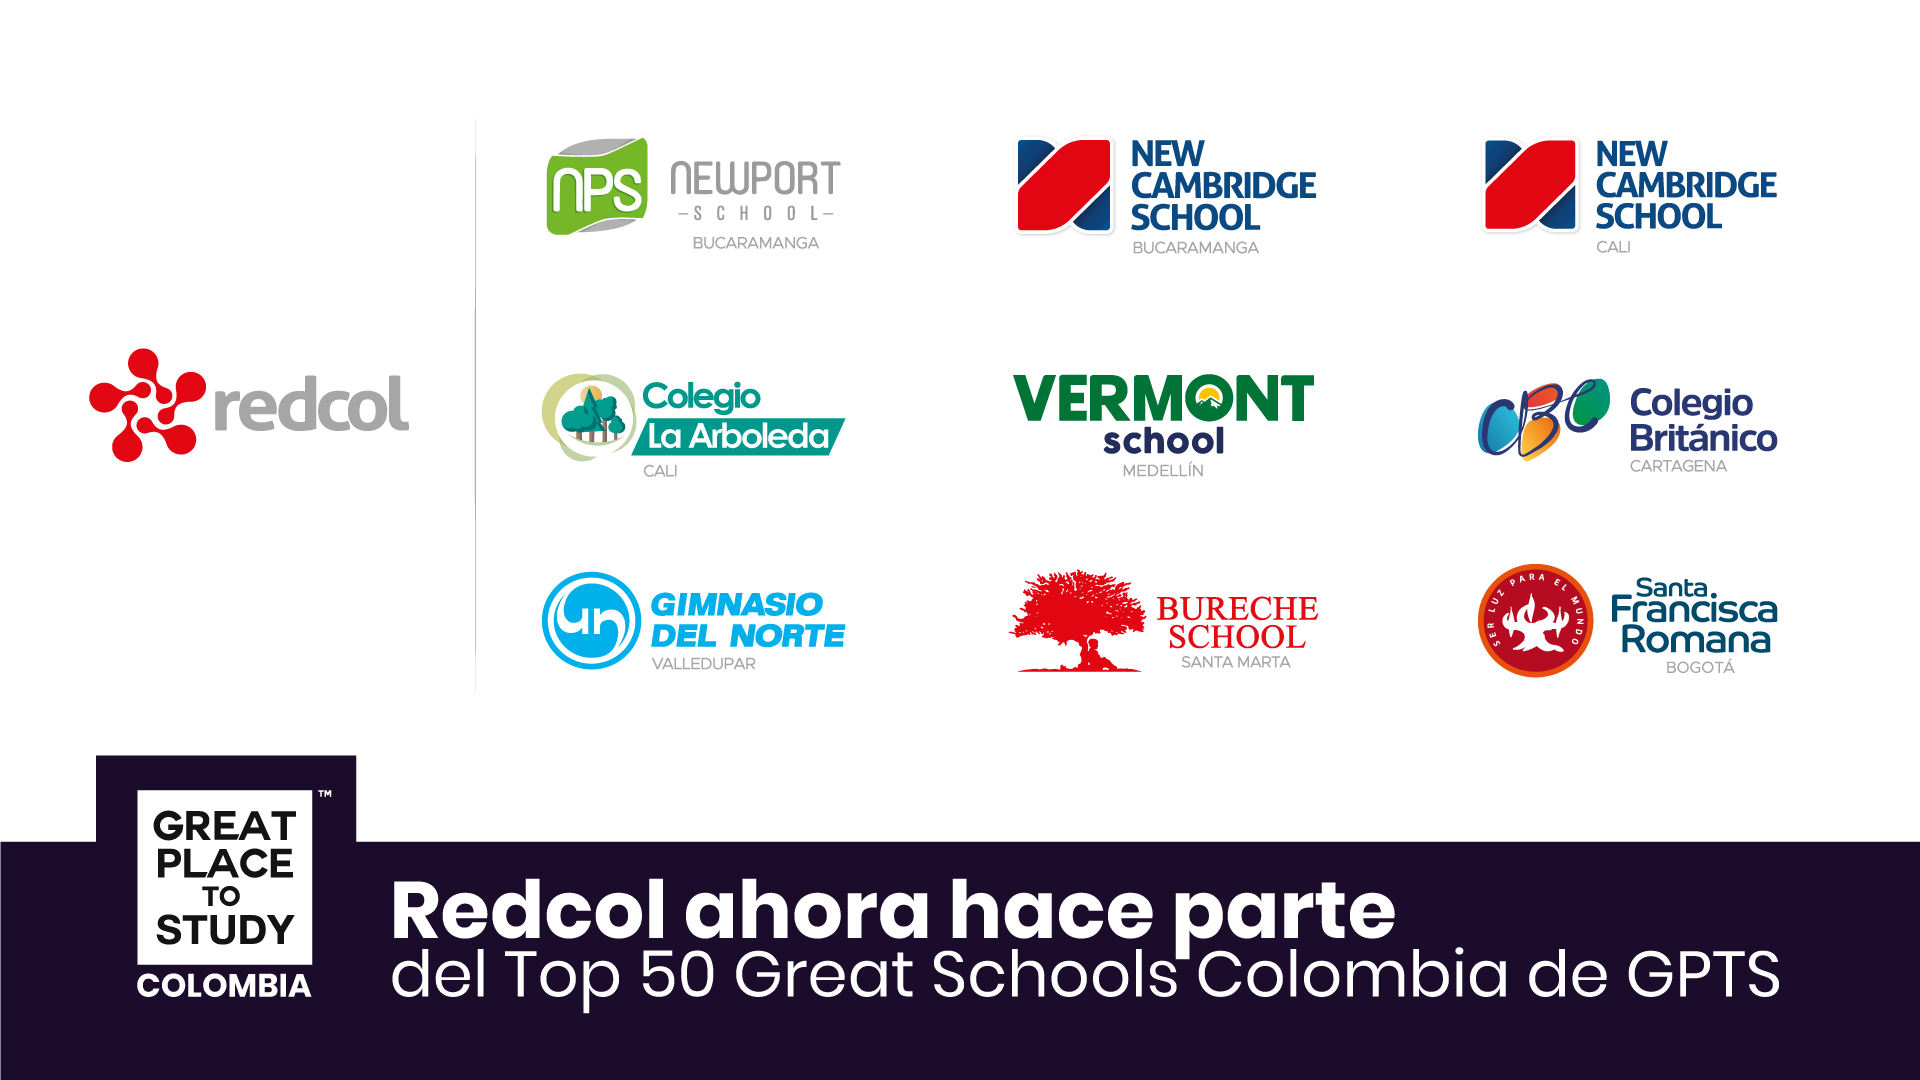 La red de colegios Redcol ahora es Great Place to Study ™